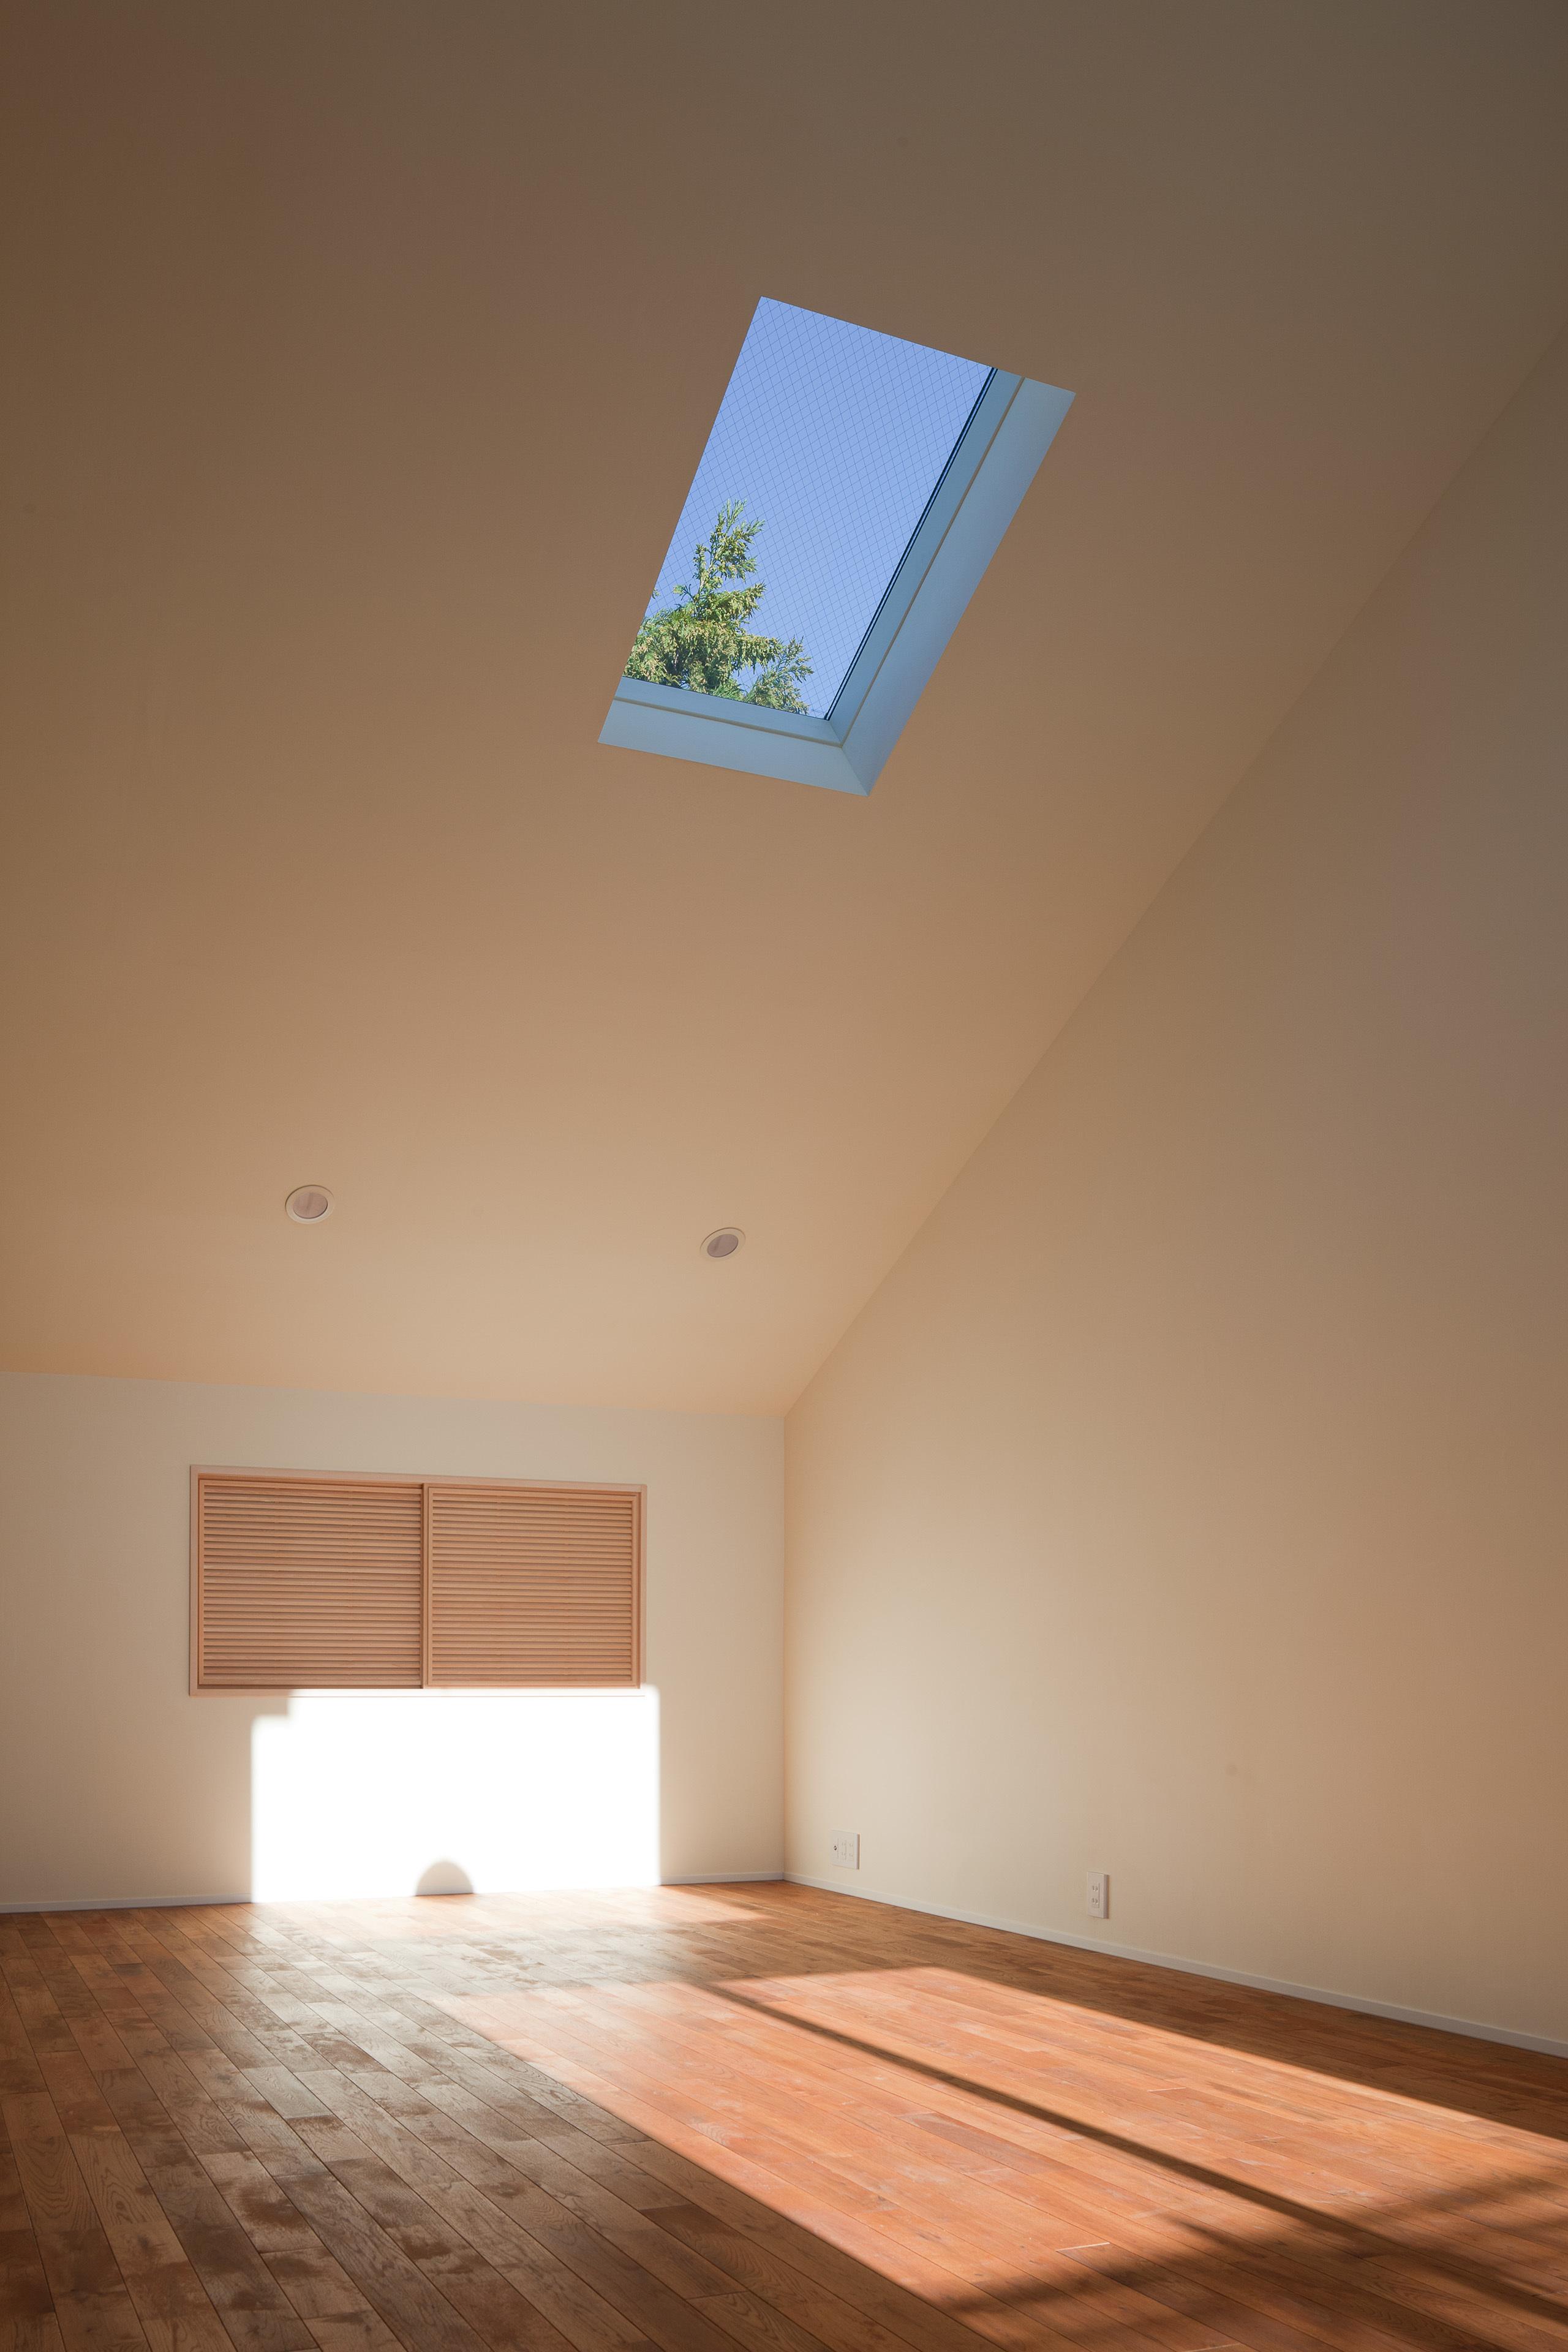 自然素材を多用した住宅です。真冬でもリビングの奥まで陽が差し込みます。